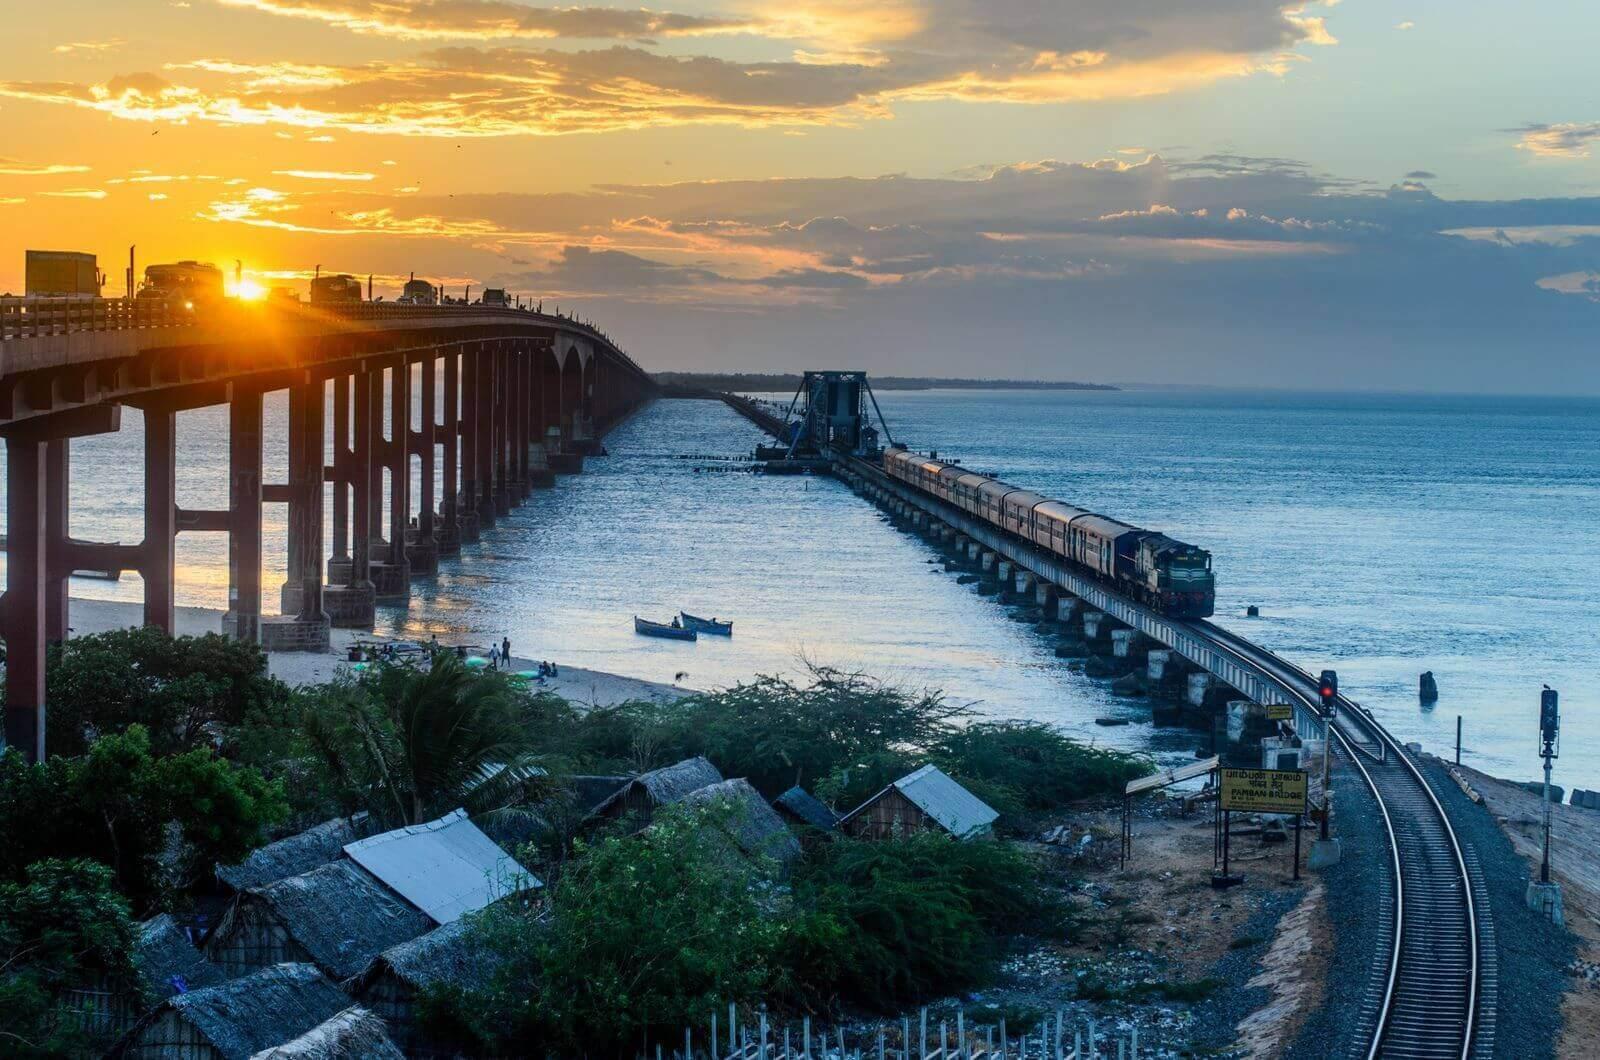 indias-chennai-rameswaram-route